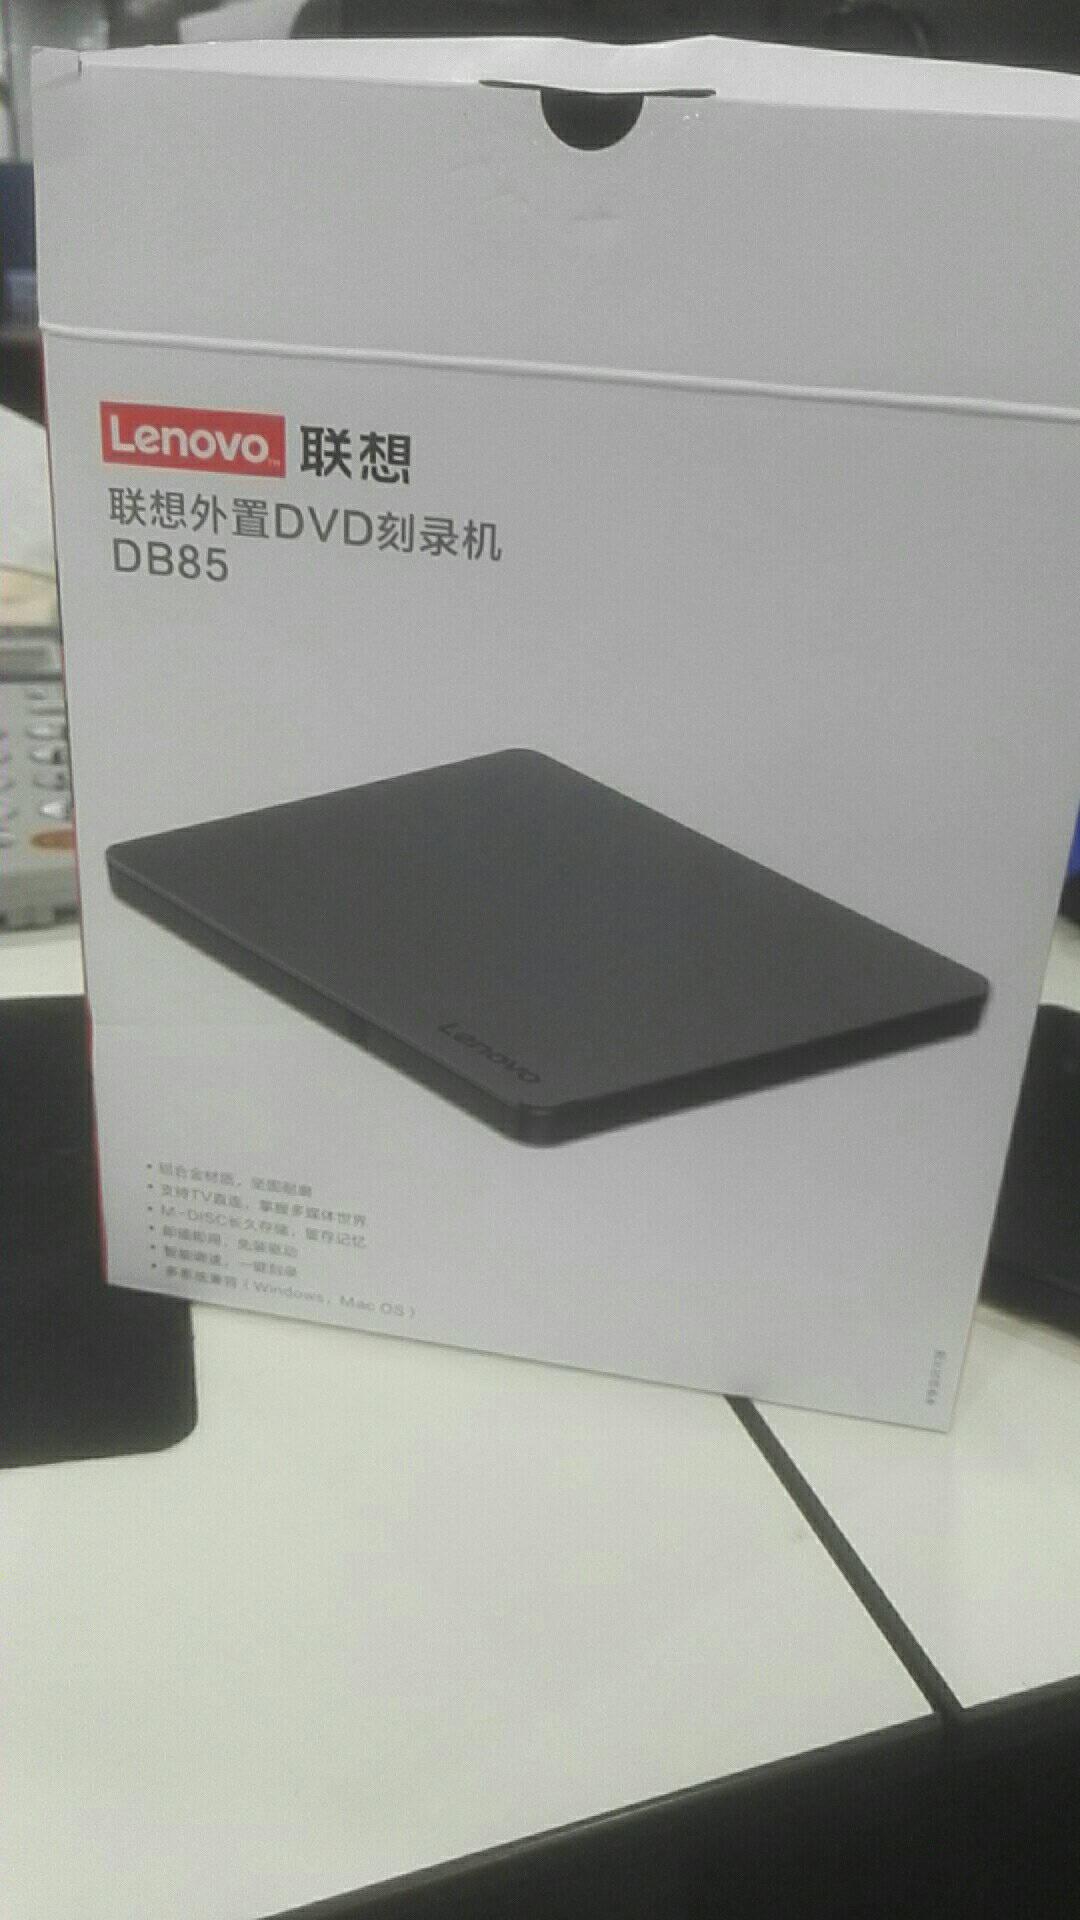 联想(Lenovo)8倍速铝合金Type-C/USB外置光驱外置DVD刻录机移动光驱Windows/MAC系统/DB85(银黑色)